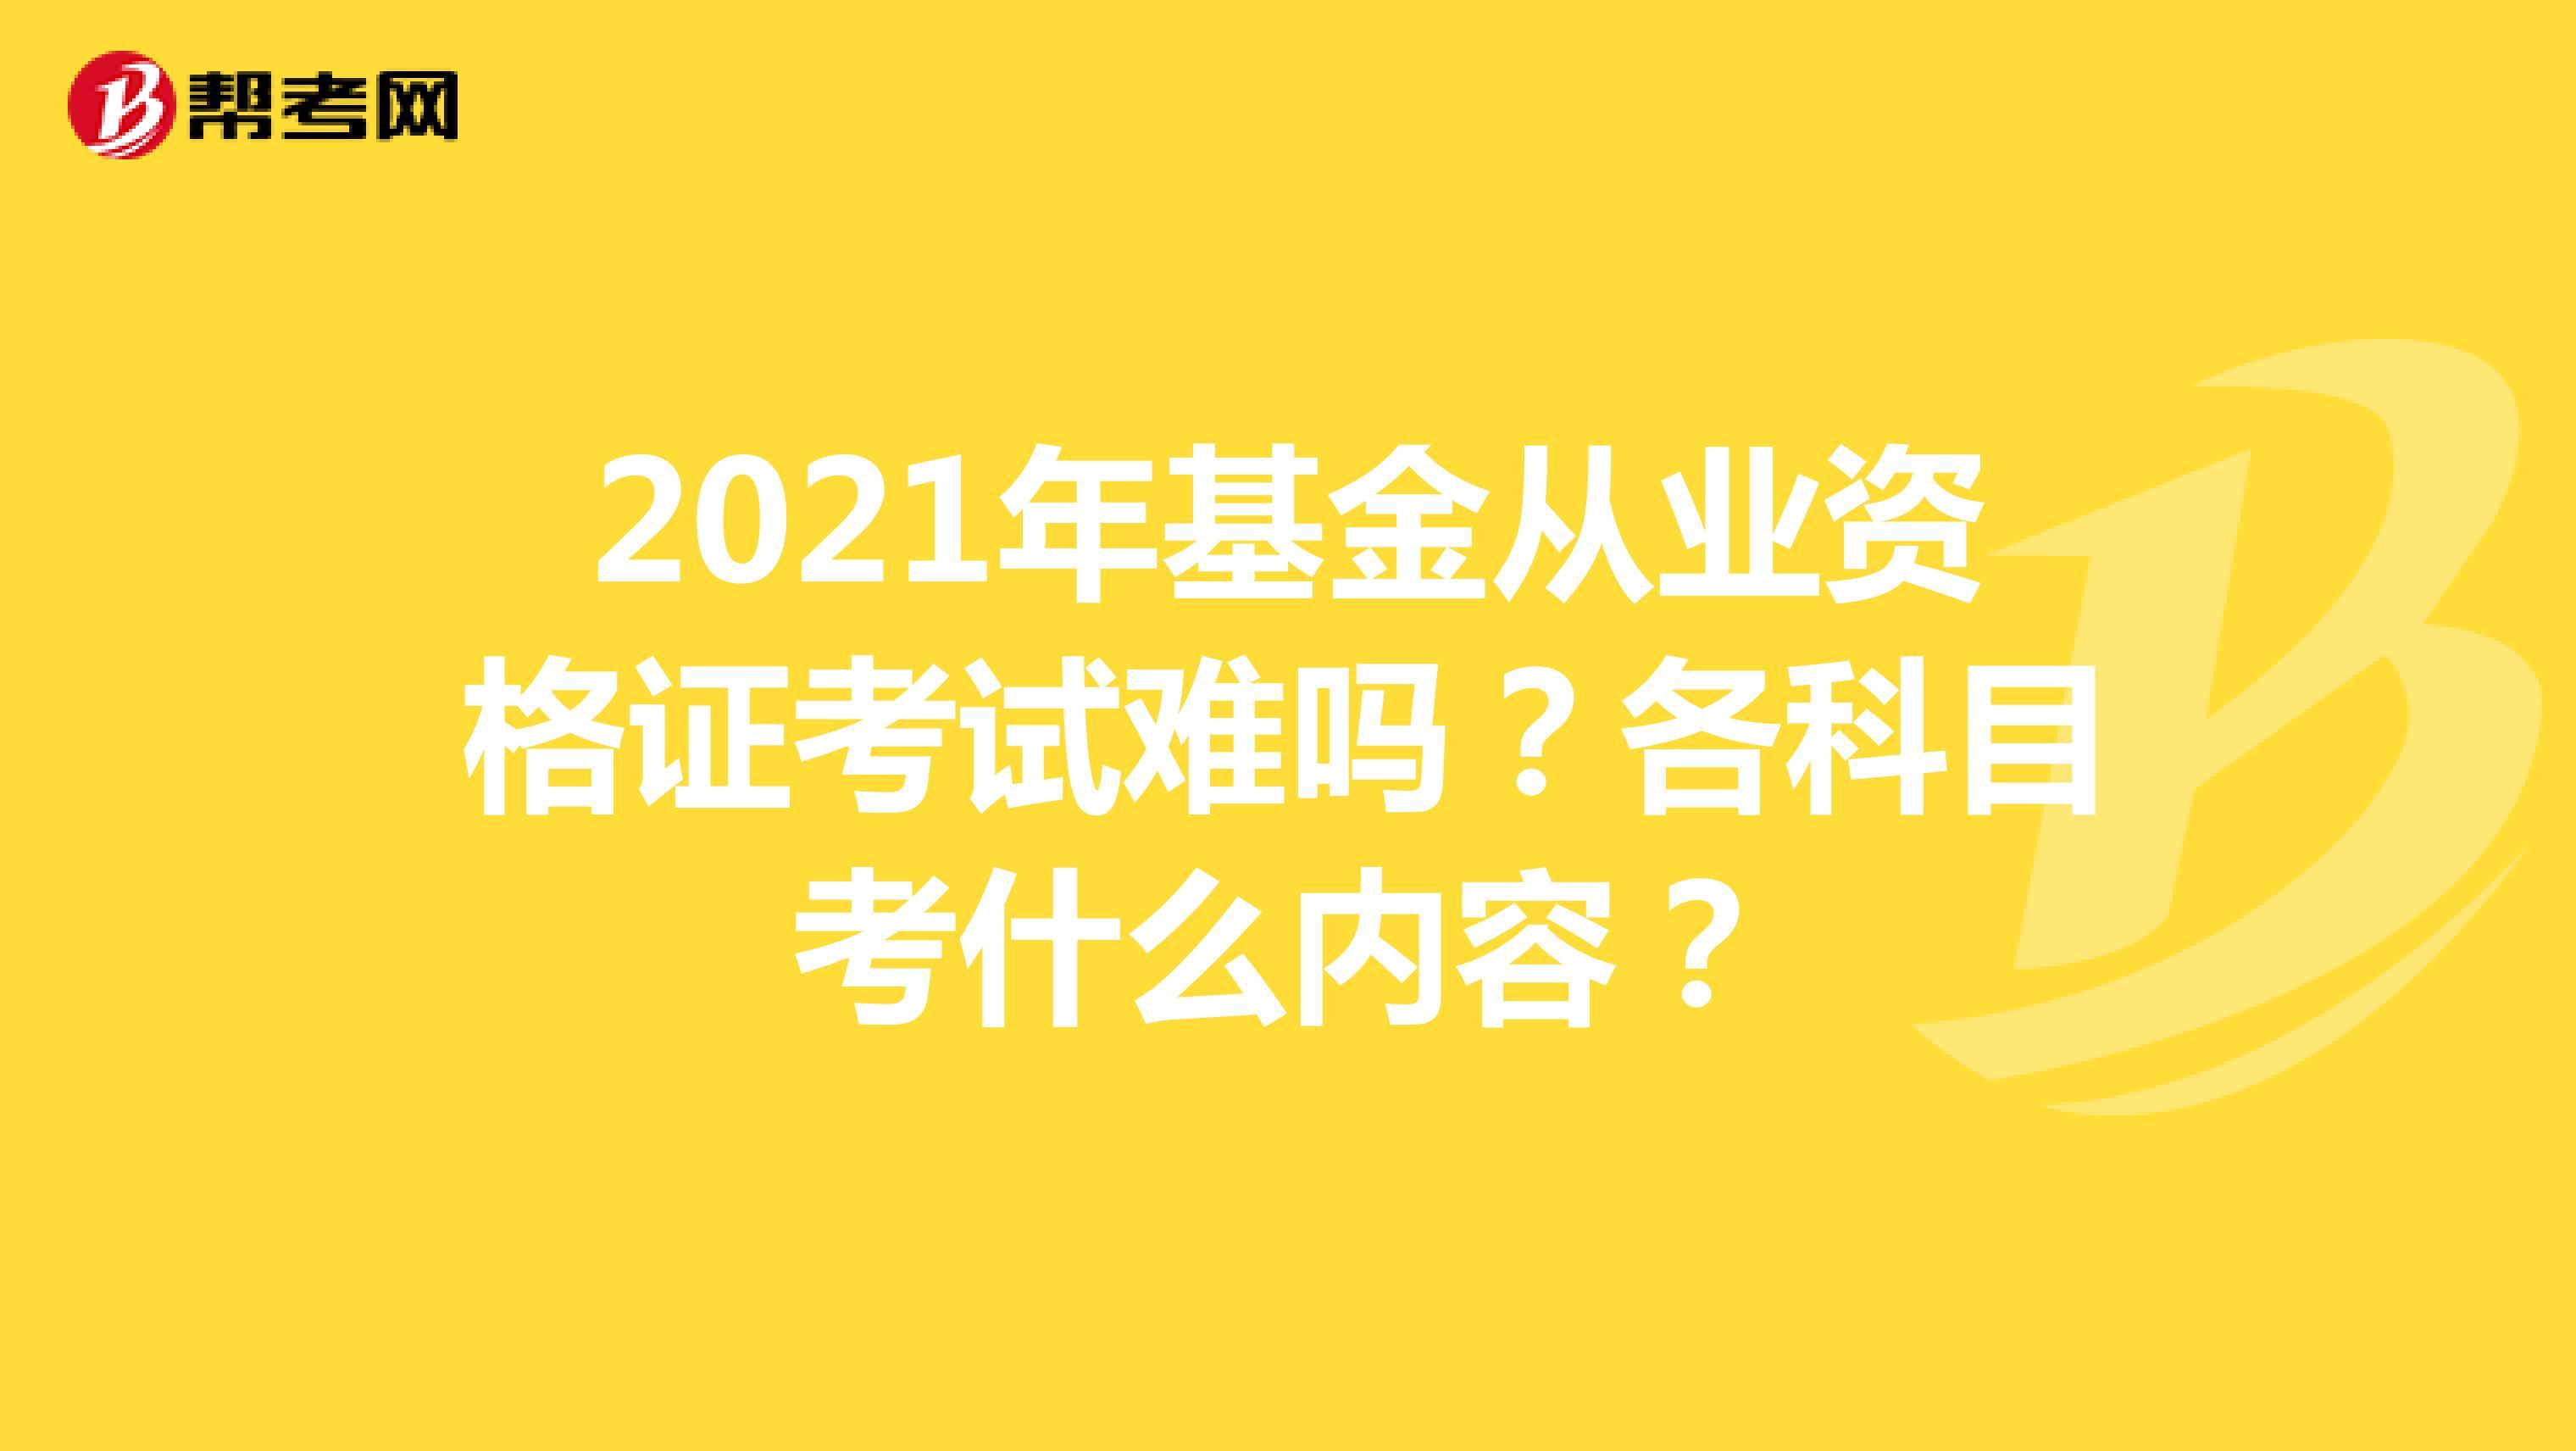 2021年基金從業資格證考試難嗎?各科目考什么內容?